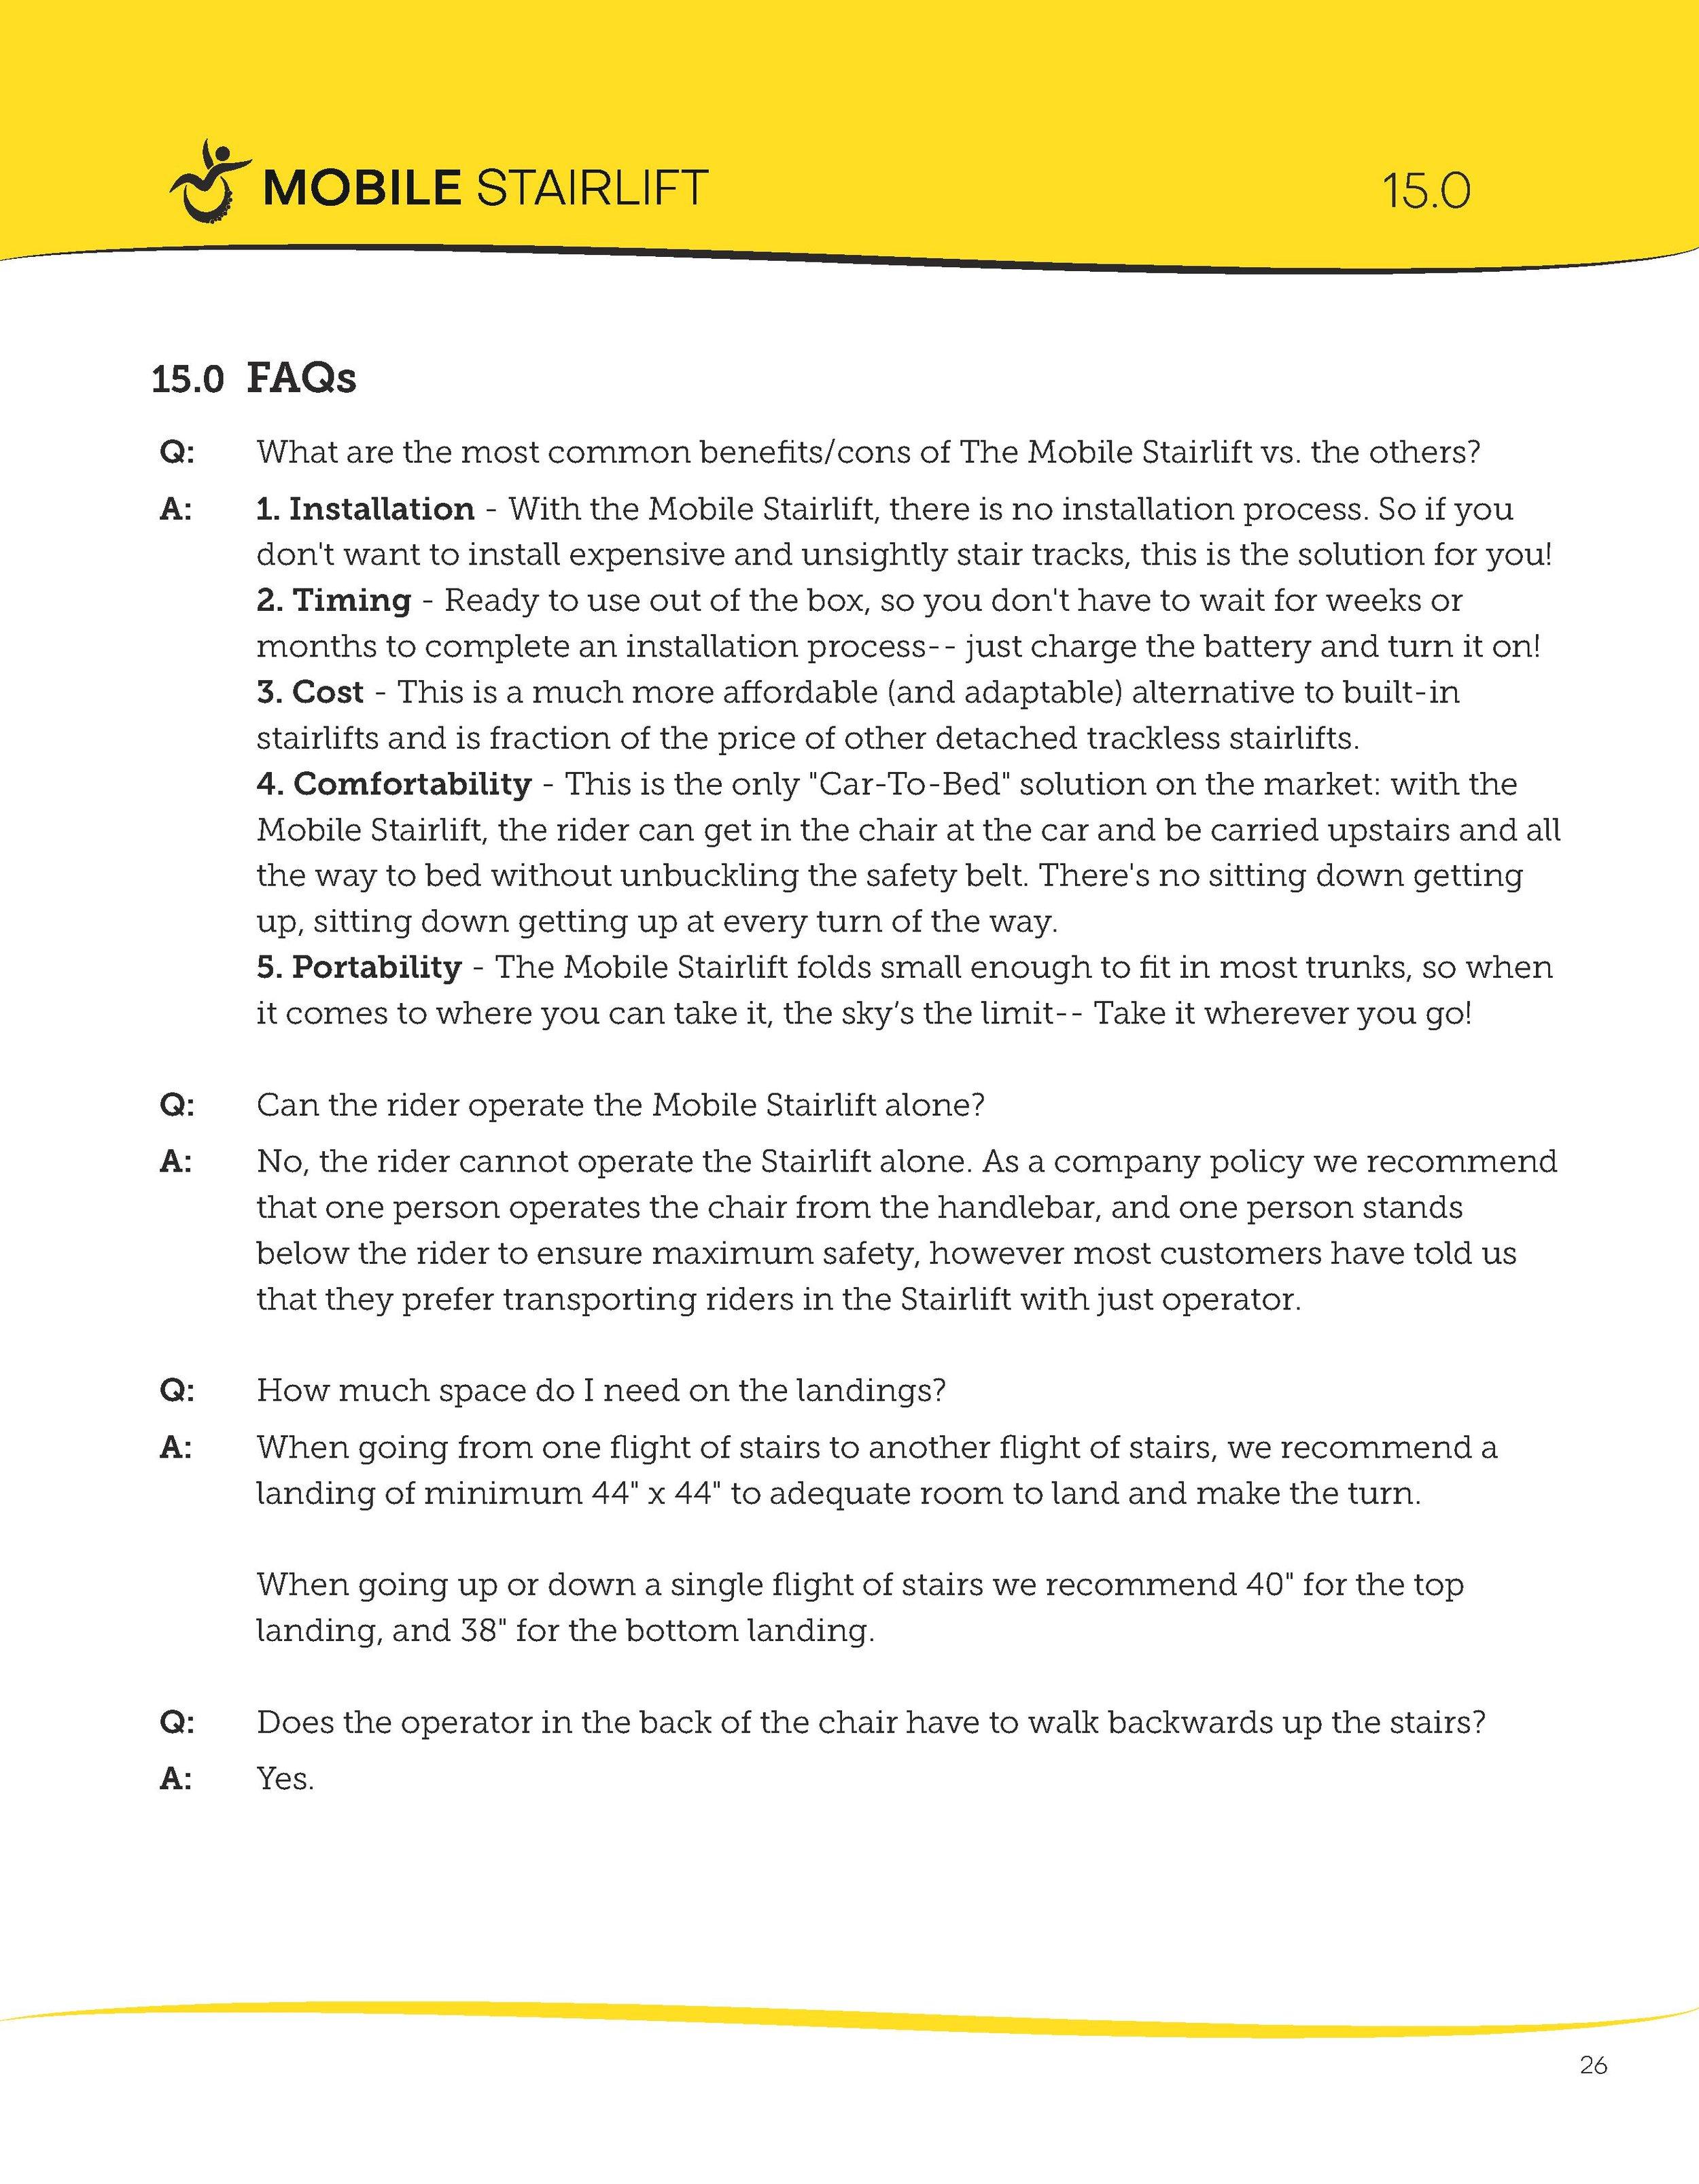 Mobile Stairlift Instruction Manual-27.jpg